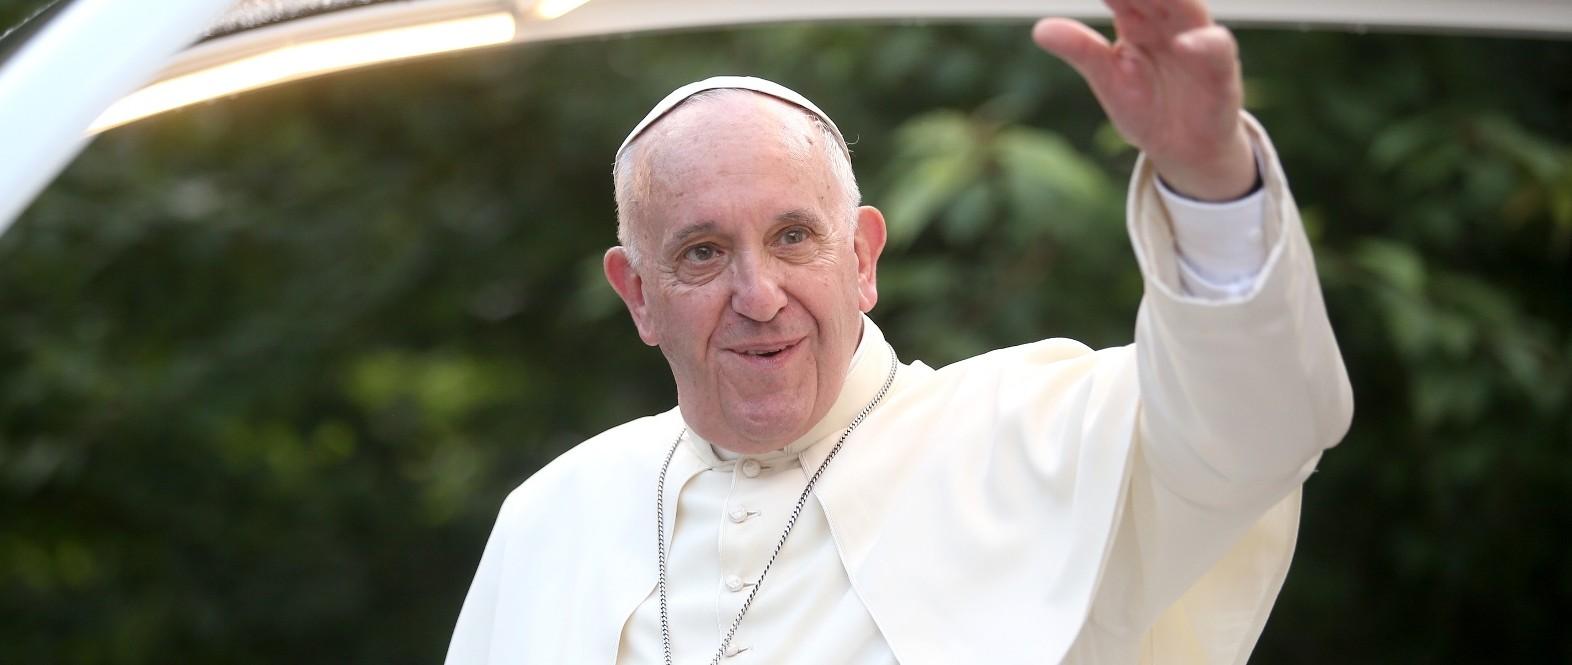 ZAHVALJUJUĆI MUJI IZ ŠVEDSKE: Papa Franjo blagoslovio nogometaše BiH